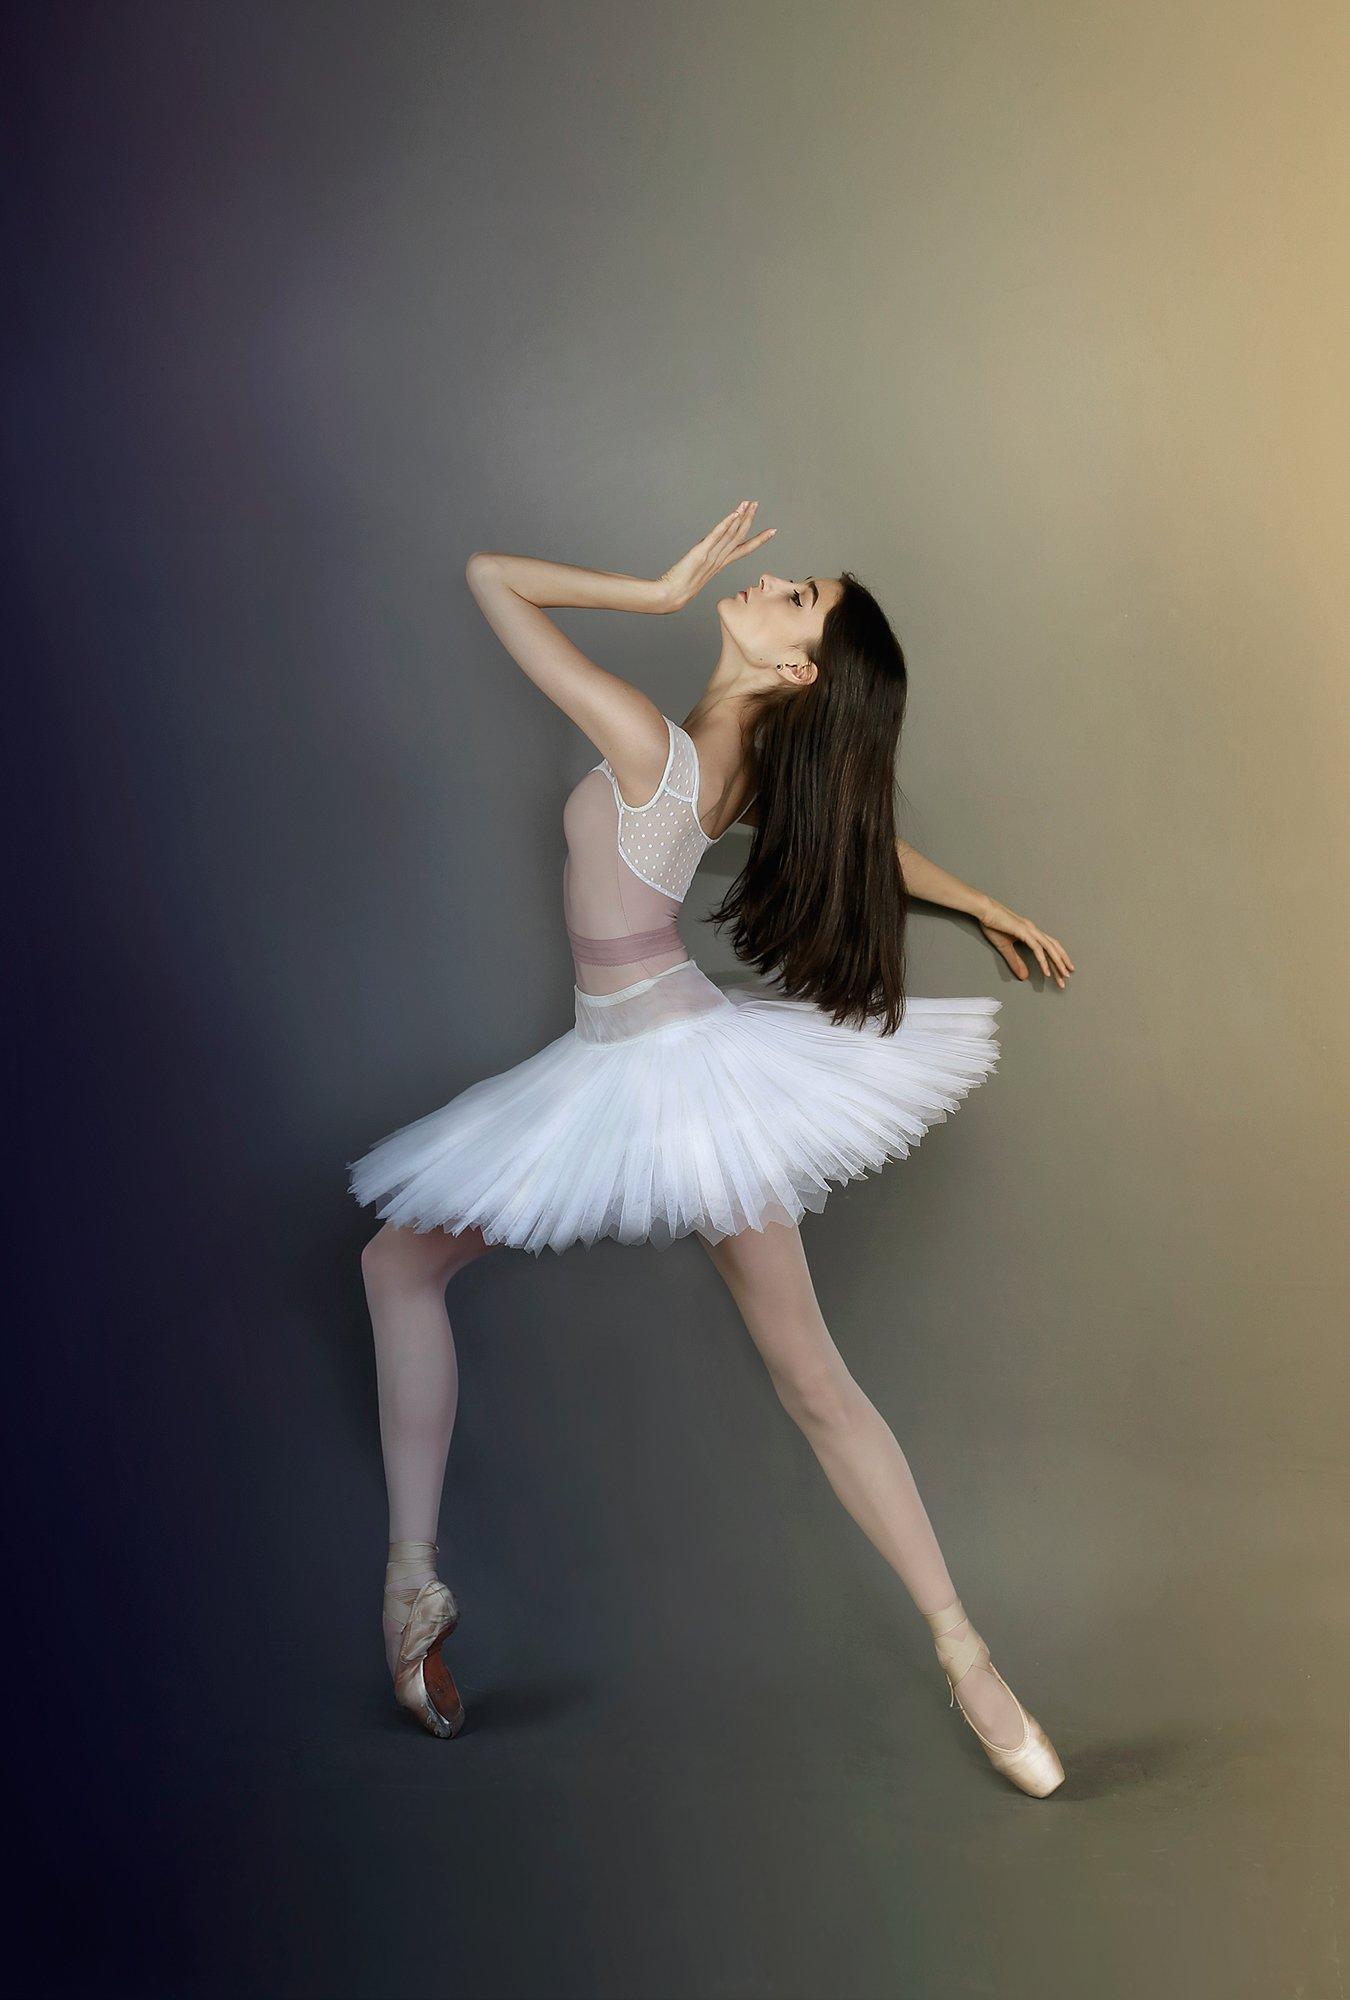 балерина, балет, портрет, красивая, девушка, модель, движение, грация, изящество, нежная, пачка, пуанты, Постонен Екатерина